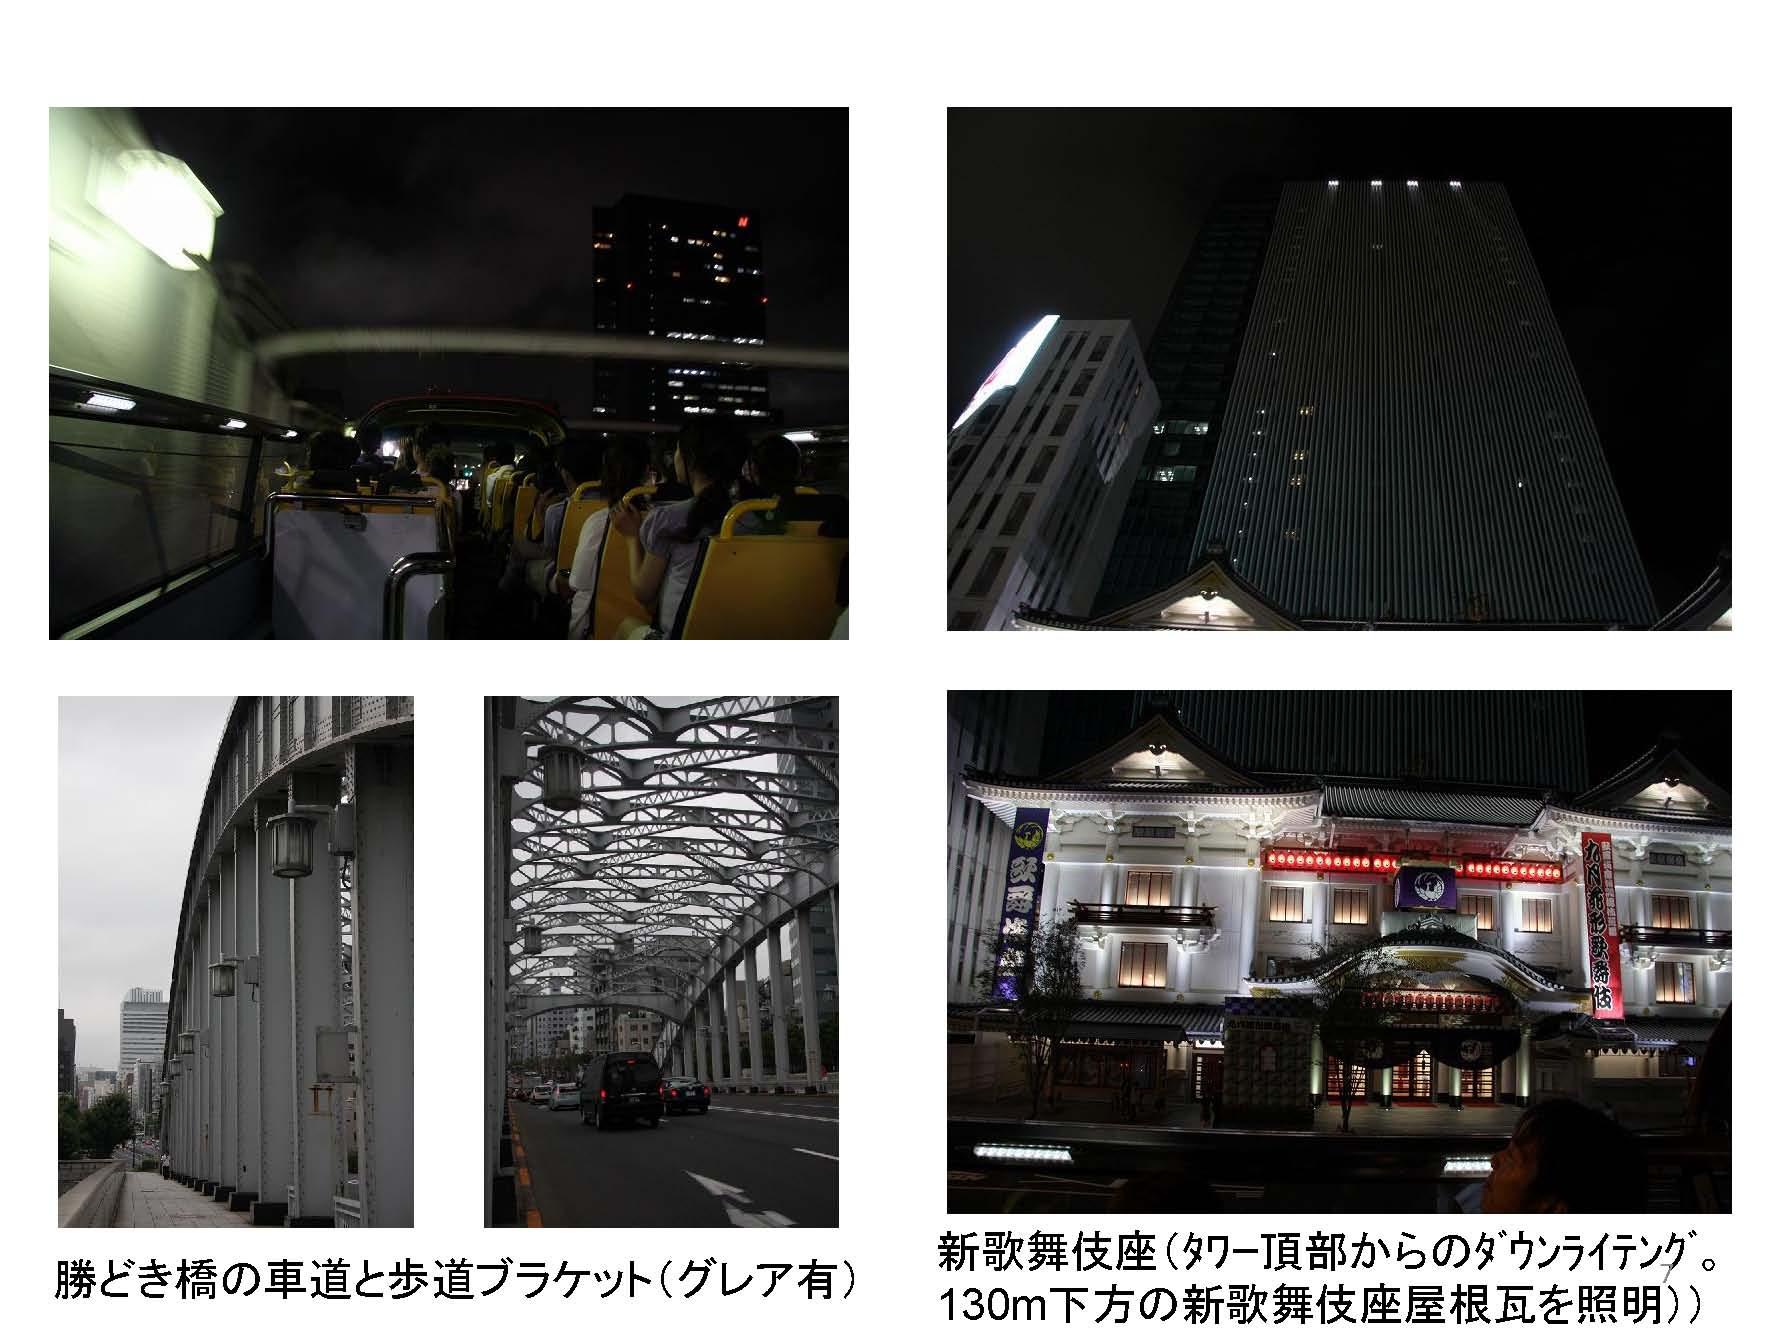 第47回街歩き写真(スカイハ゛ス)_20130904開催 (1)_ページ_7